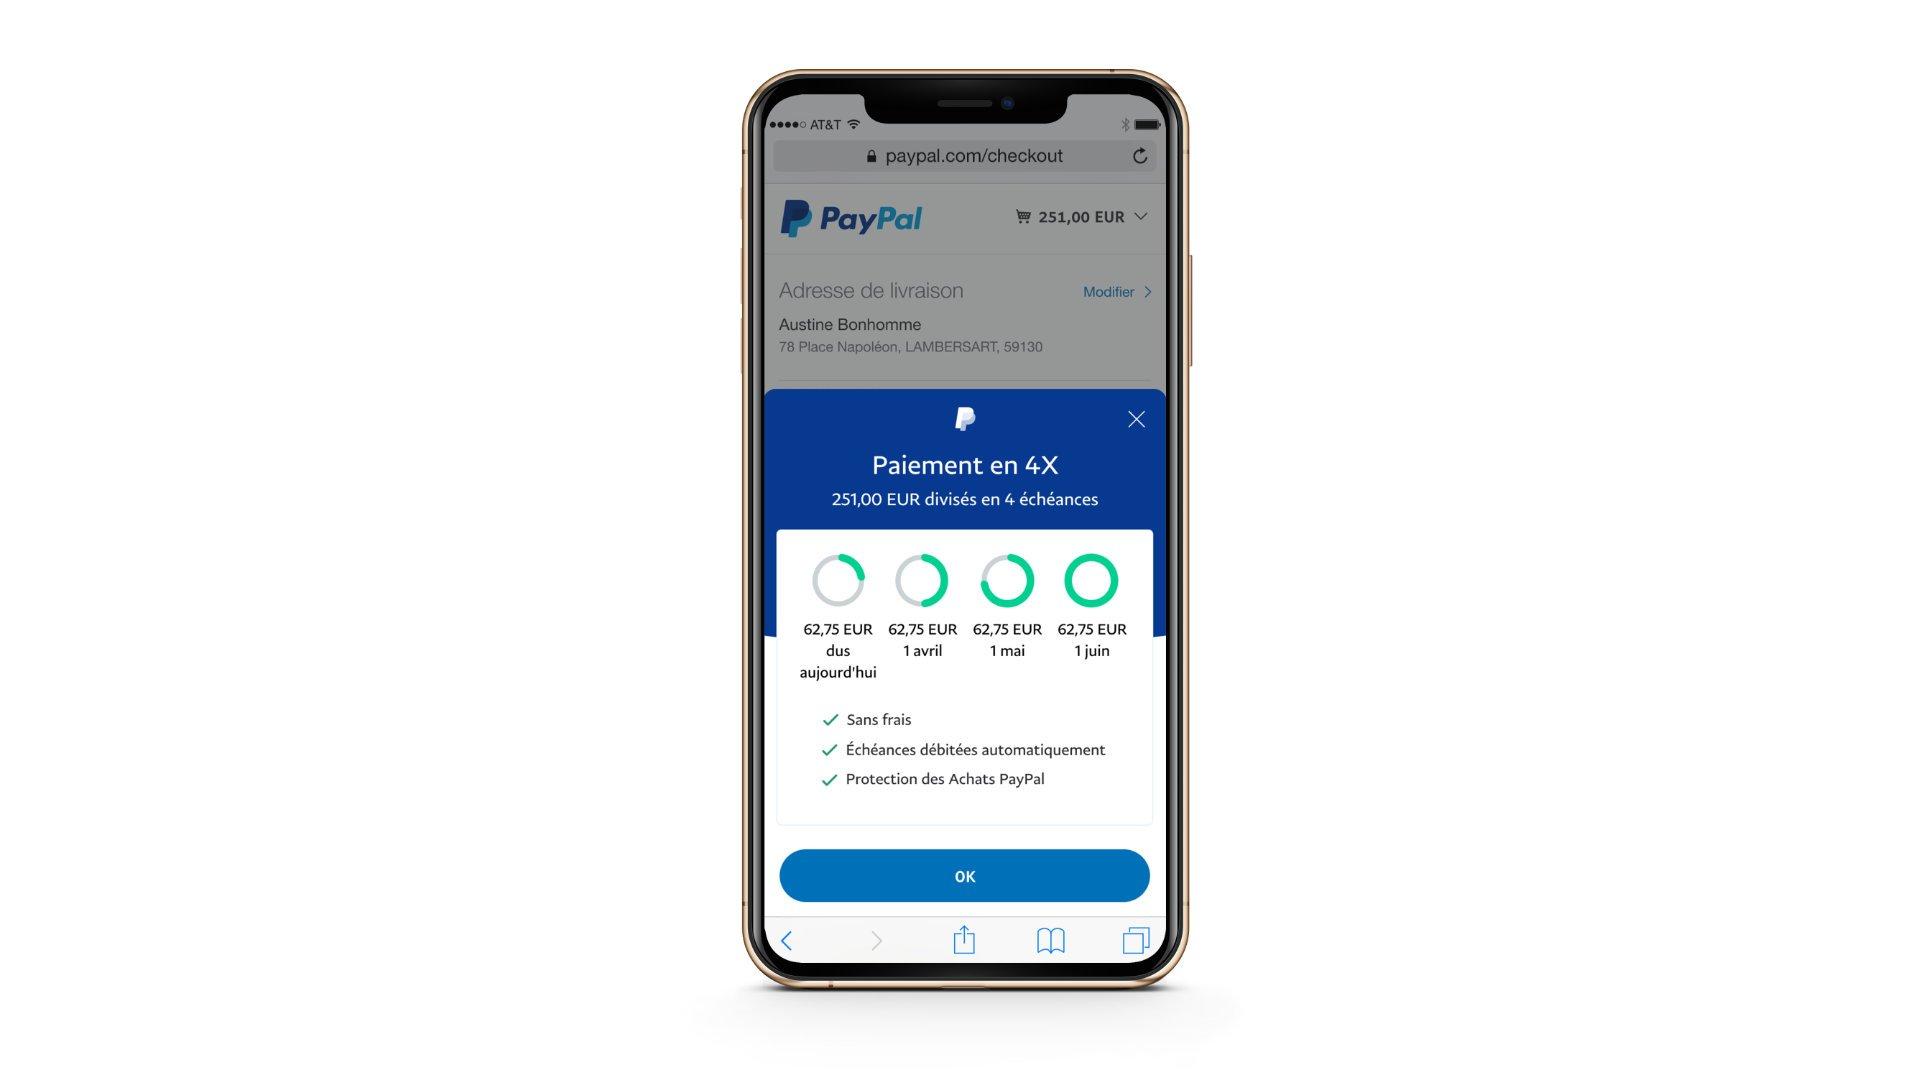 Pourquoi on peut pas payer par Paypal sur Amazon ?